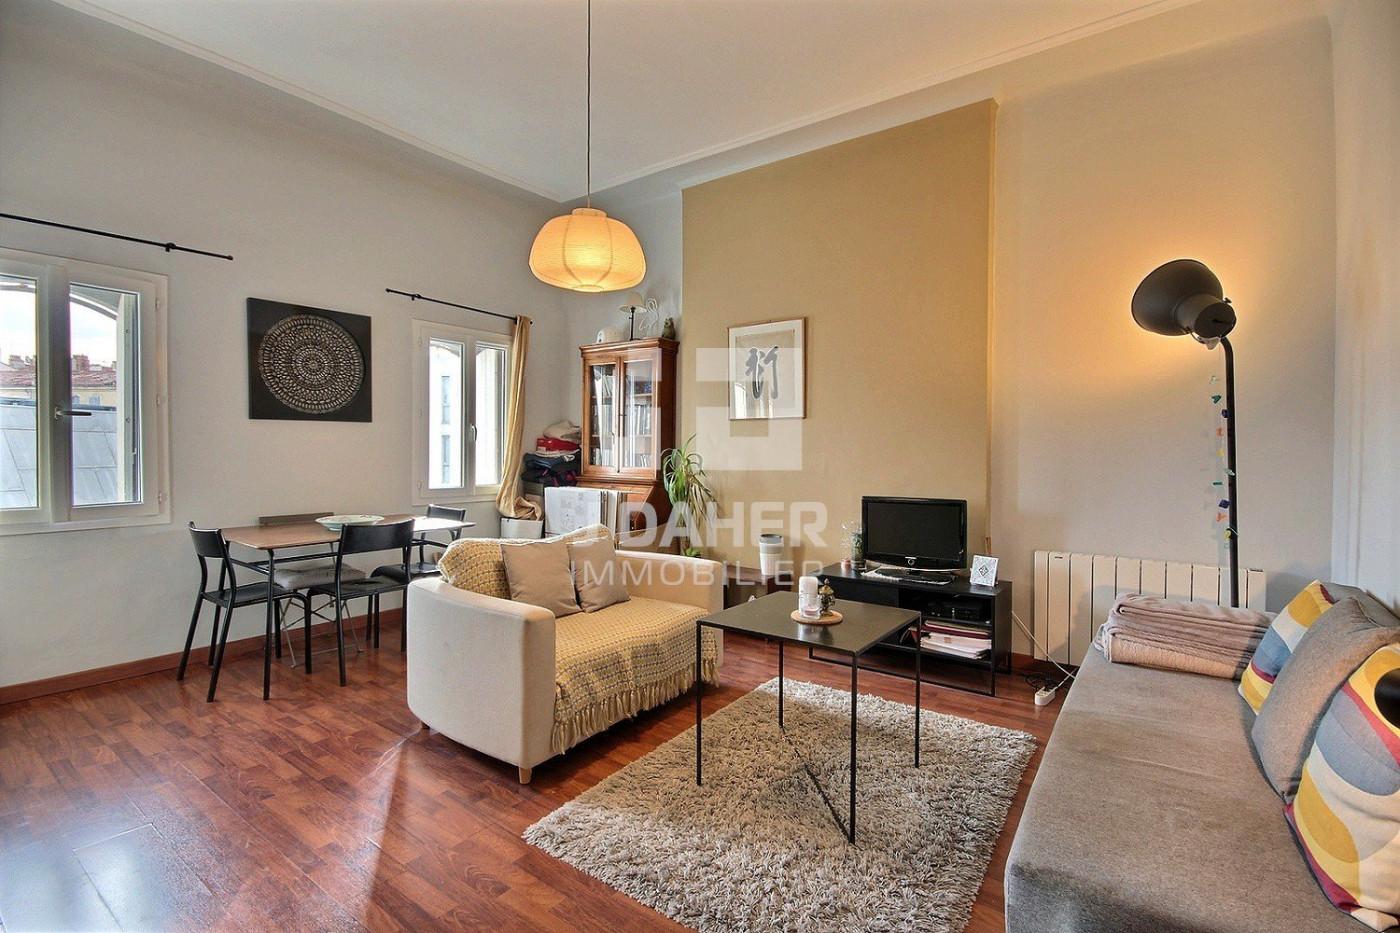 A vendre  Marseille 2eme Arrondissement | Réf 13025916 - J daher immobilier